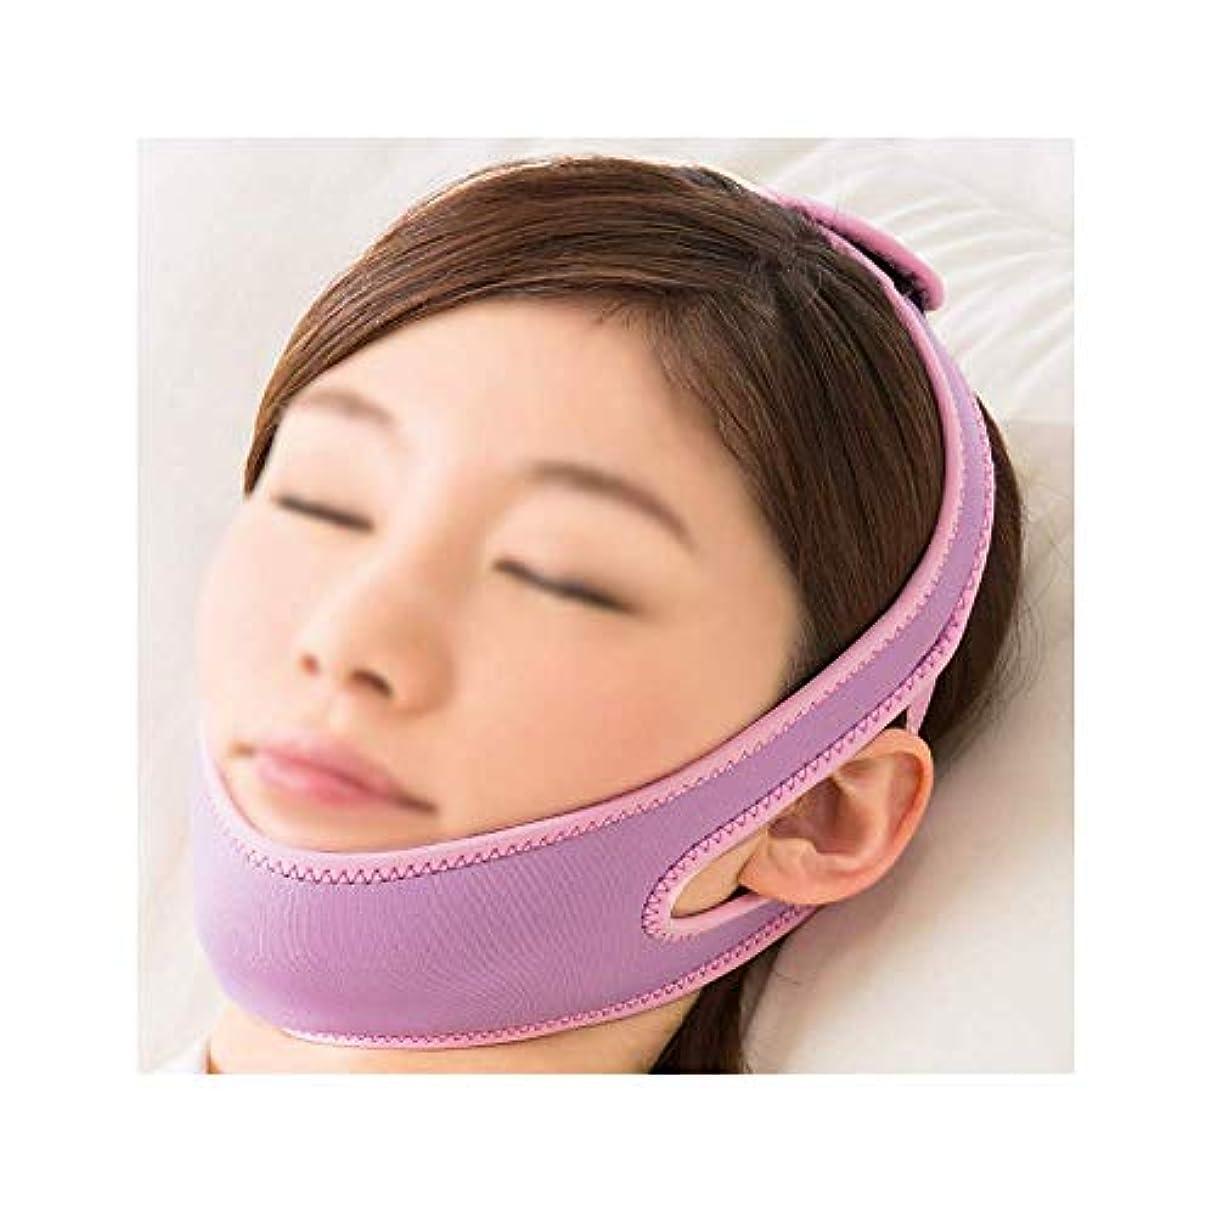 病院トランスペアレント逃げるフェイシャルマスク、フェイスリフティングアーティファクトフェイスマスク垂れ下がり面付きVフェイス包帯通気性スリーピングフェイスダブルチンチンセット睡眠弾性スリムベルト